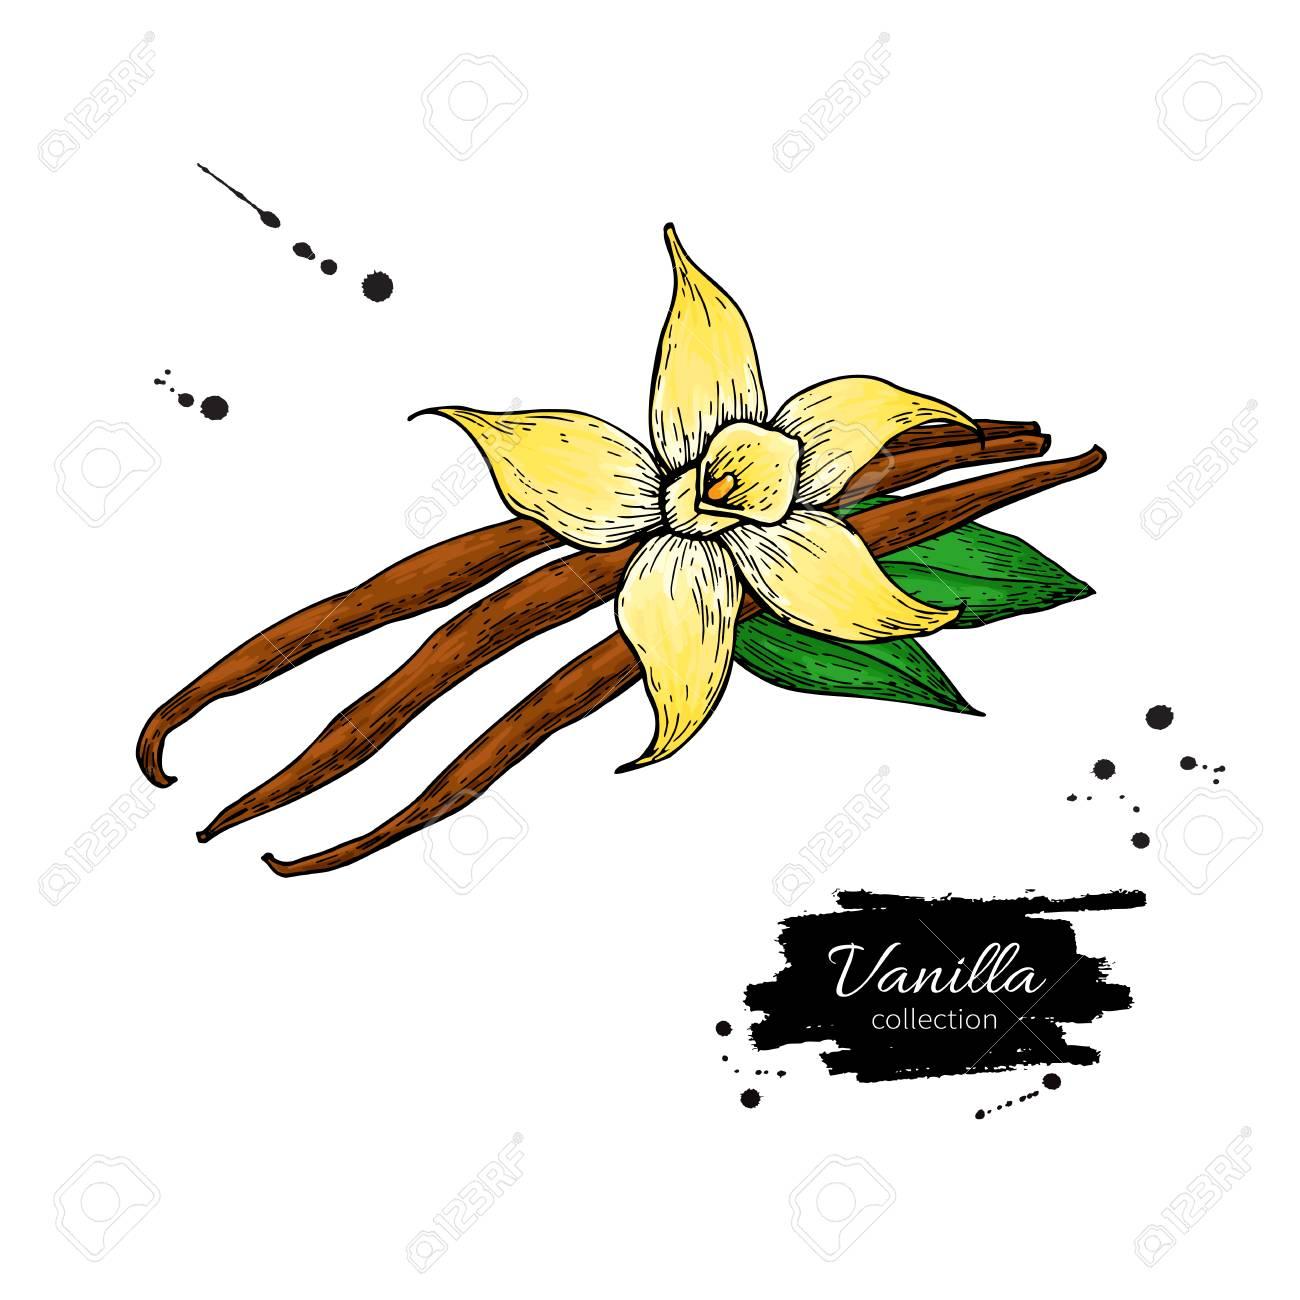 Dessin de fleur de vanille et bâton de haricot.